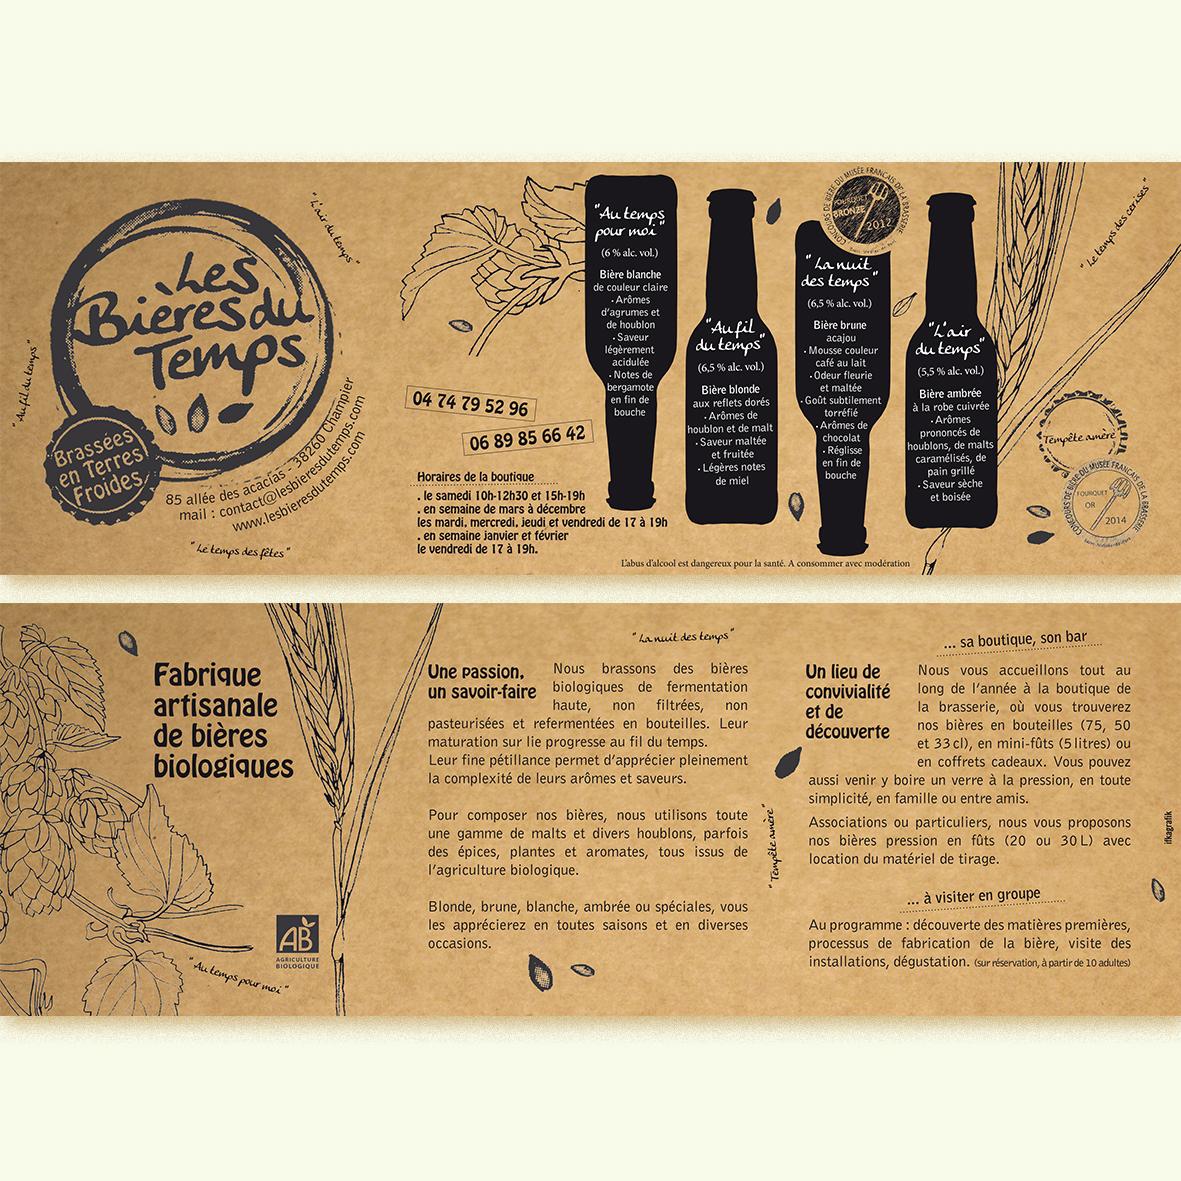 Fabrique de bieres bilogiques